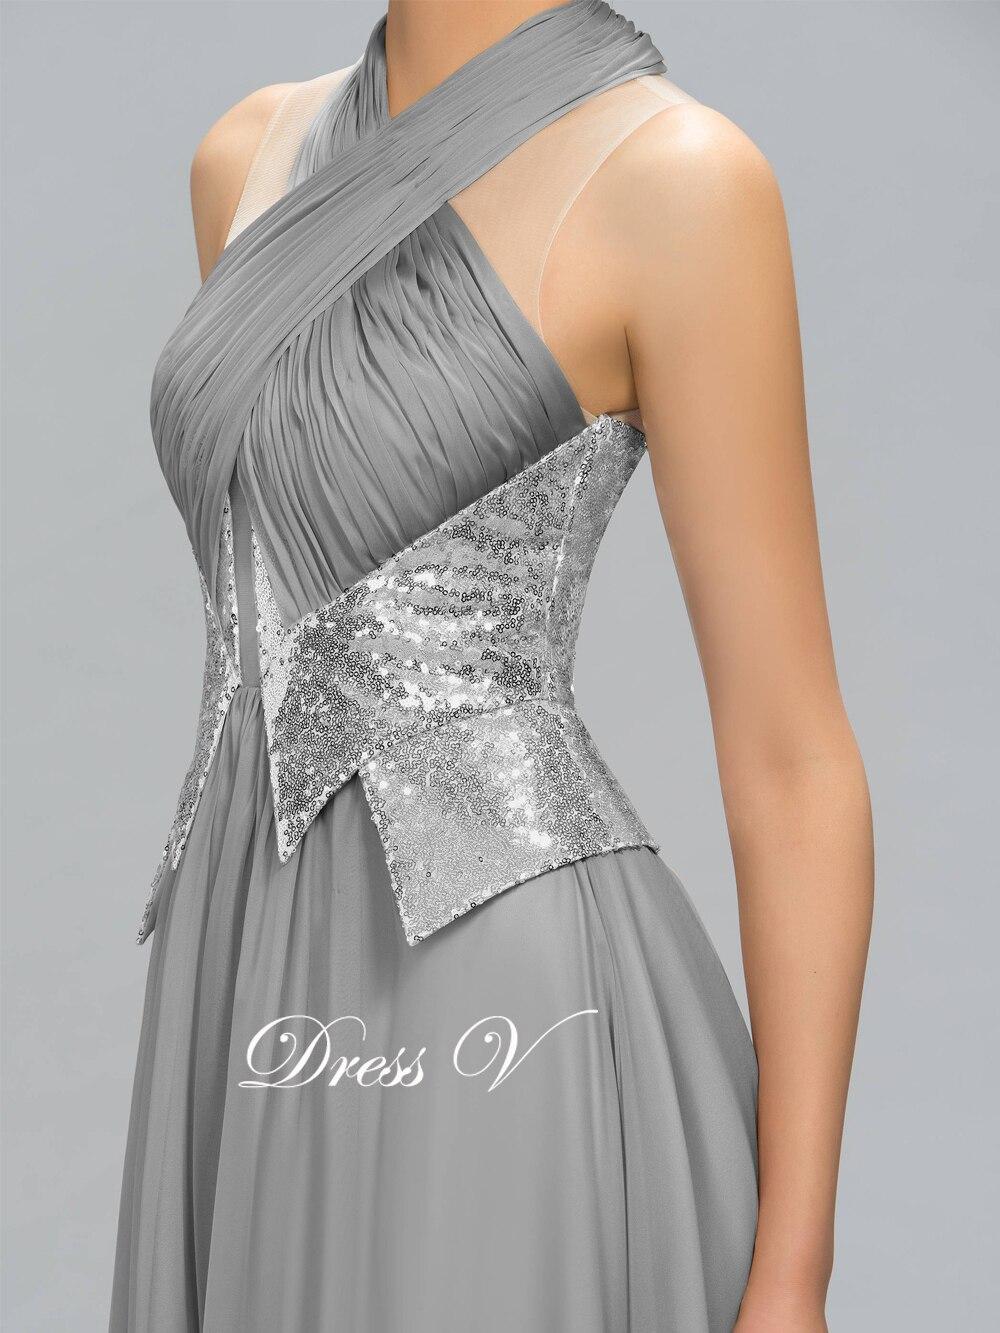 Dressv Hot Sale Långaftonklänning Grå Halter A-Line Pleats - Särskilda tillfällen klänningar - Foto 5